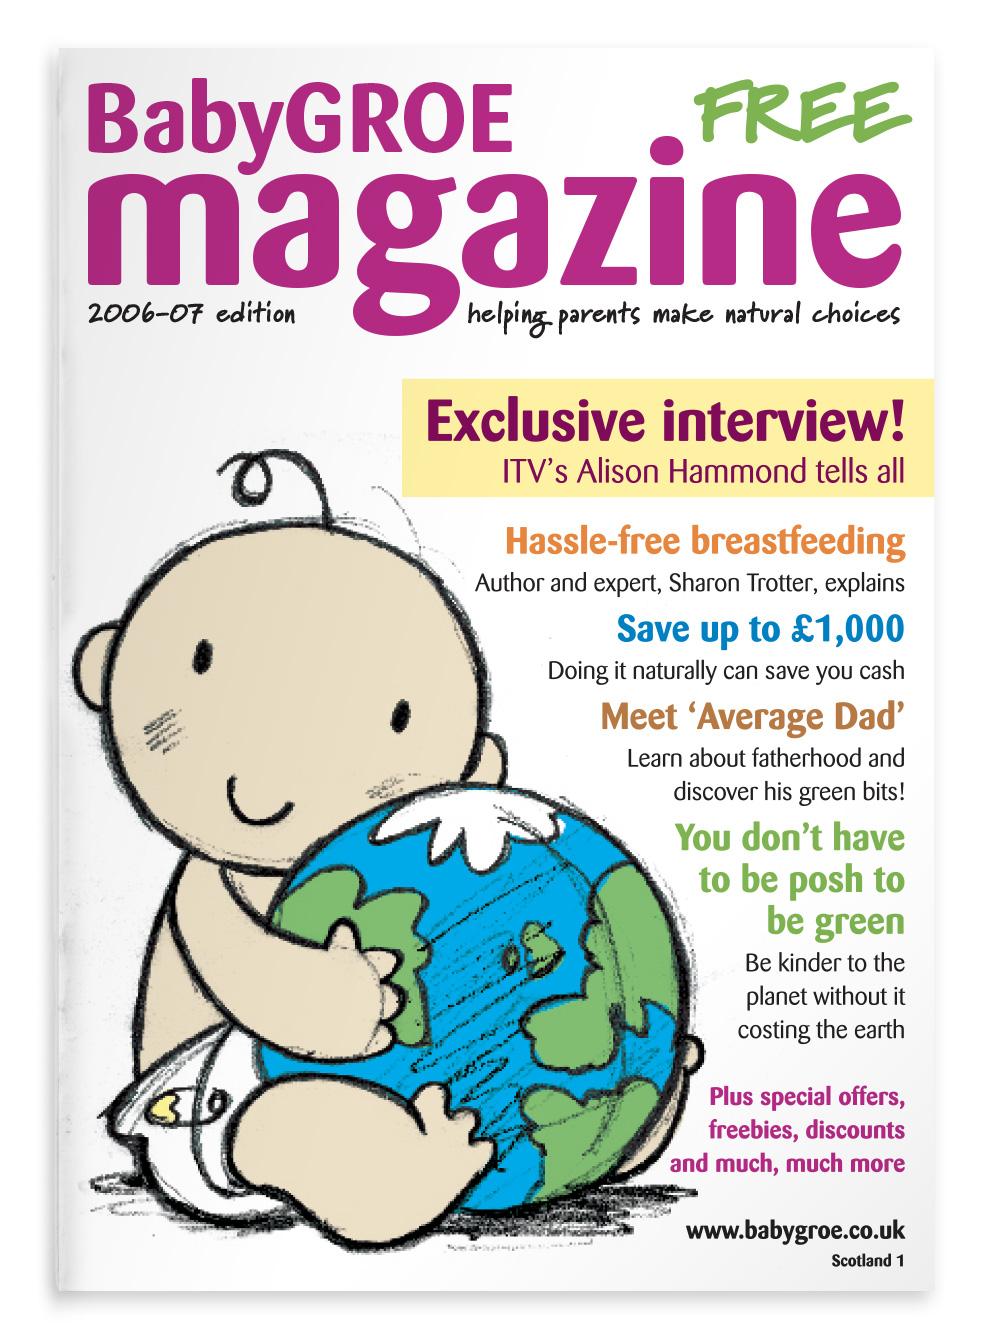 New BabyGROE magazine